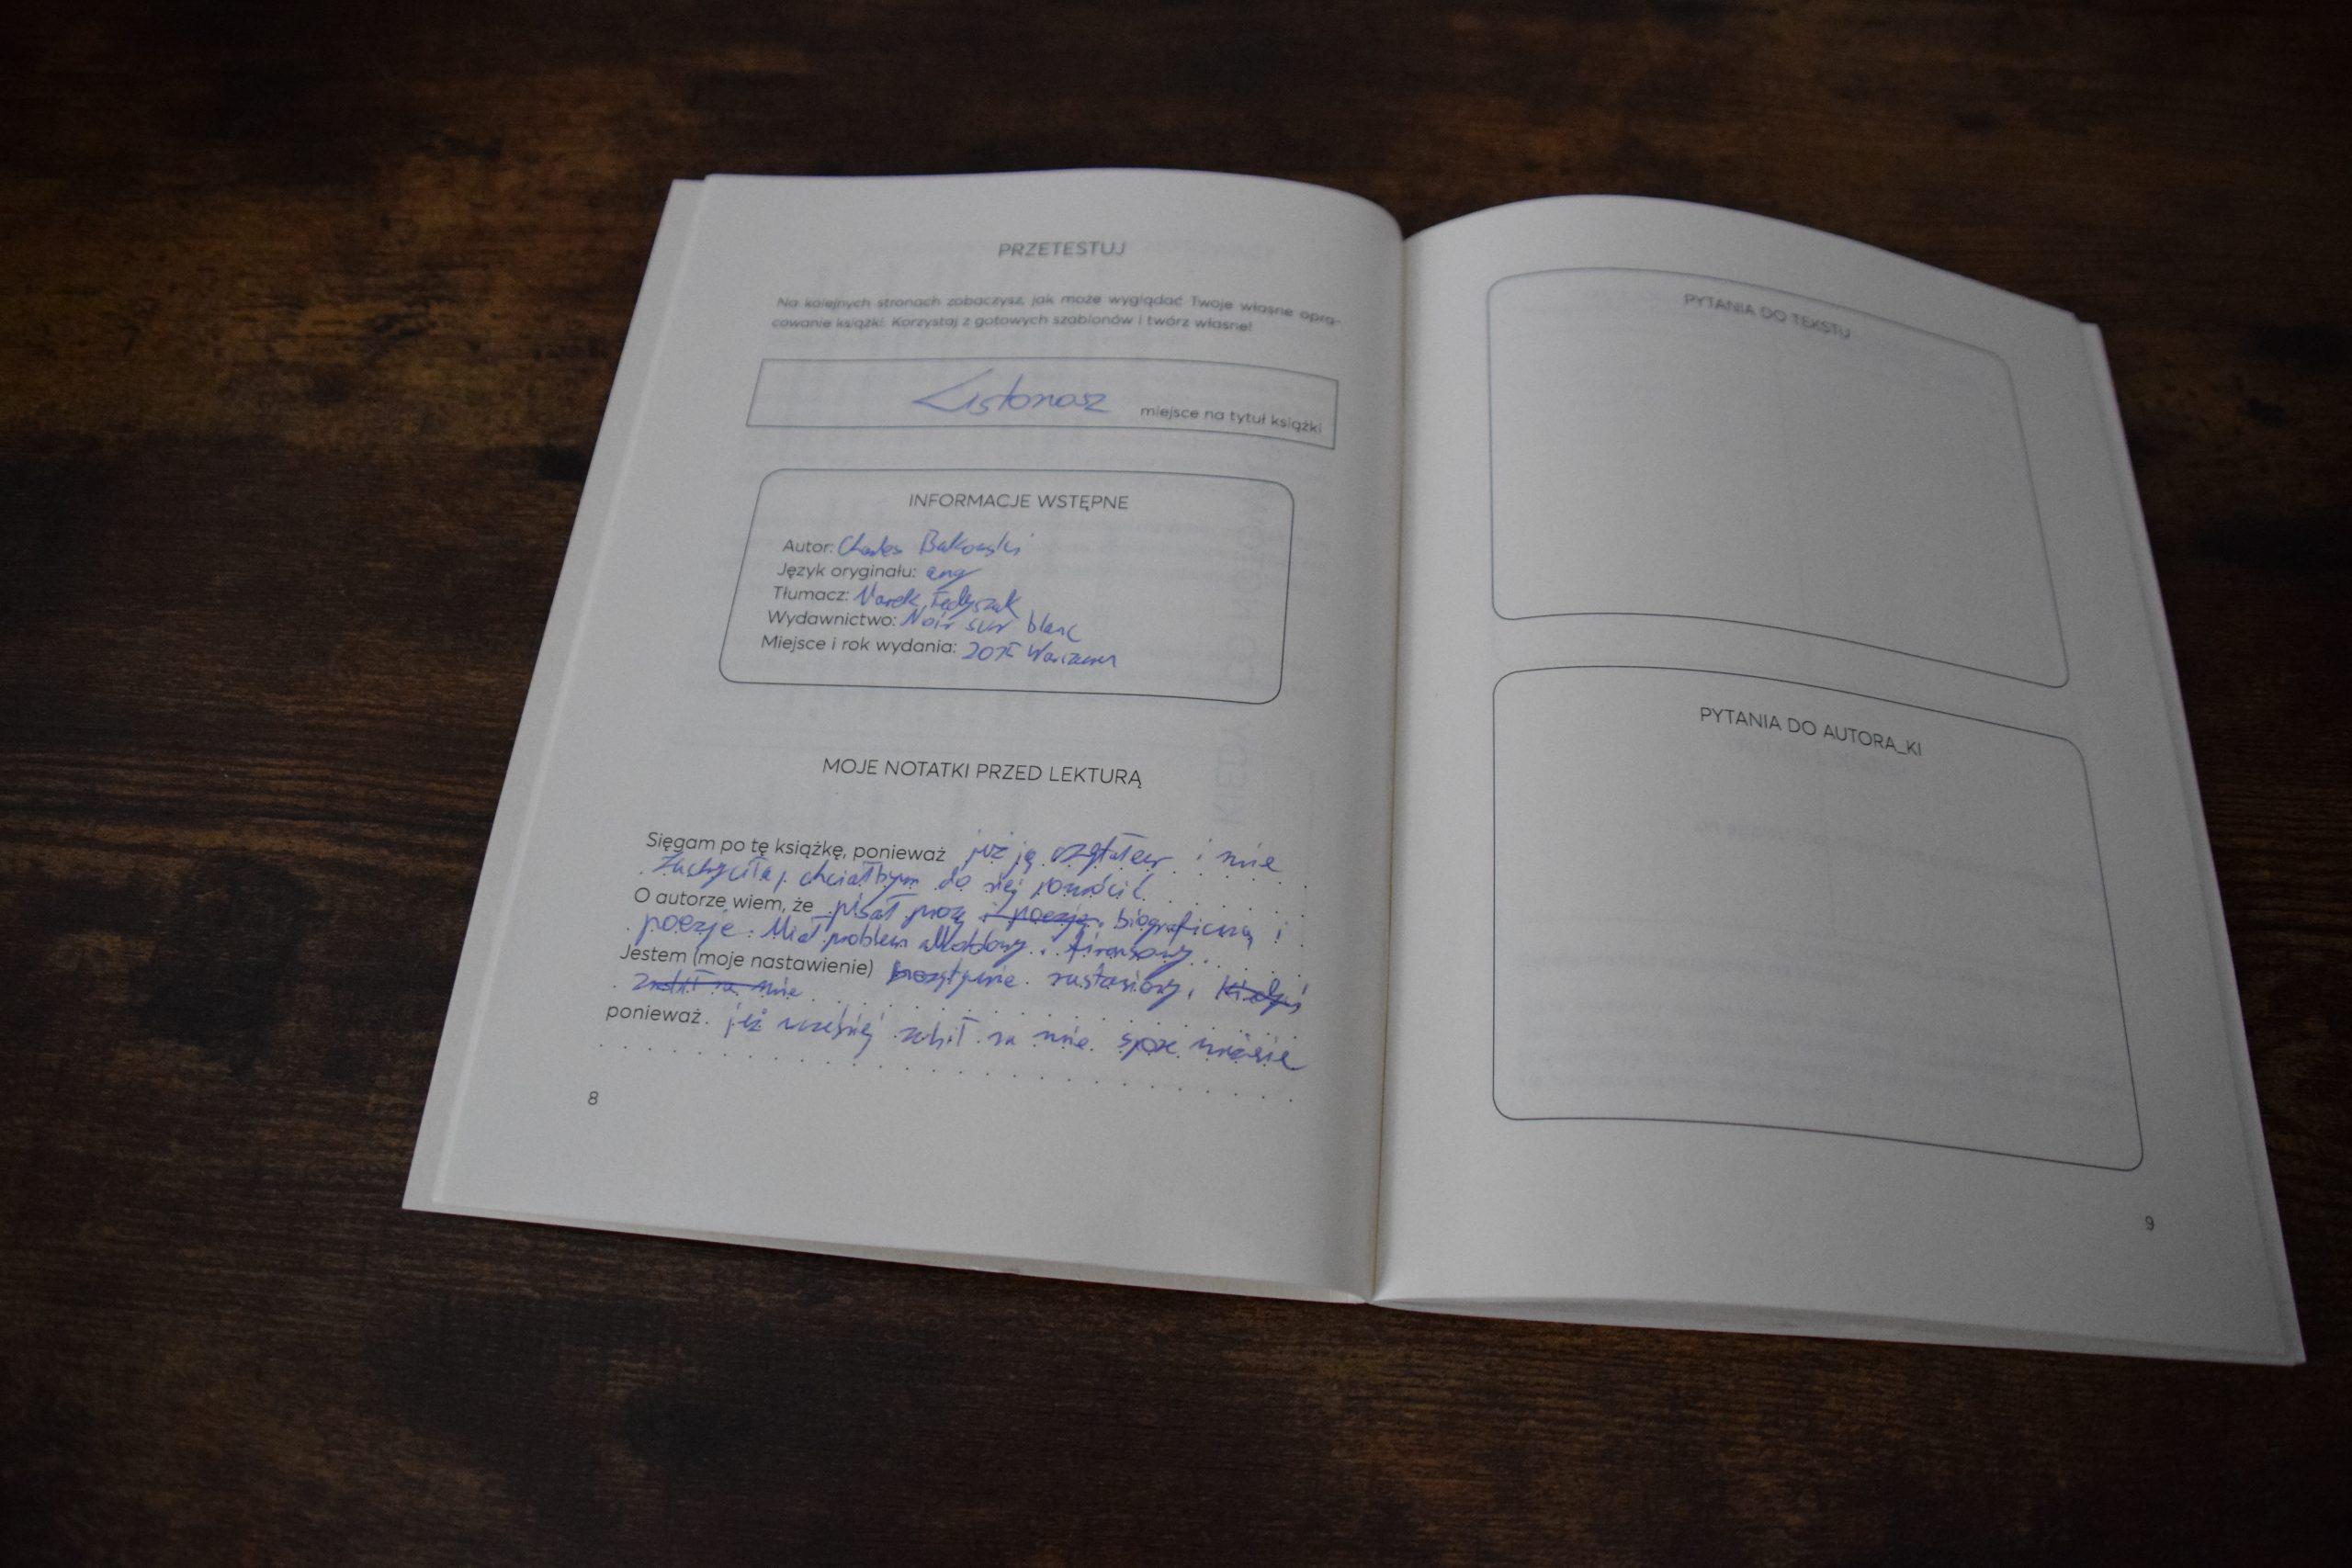 Łukasz - notatki z lektury